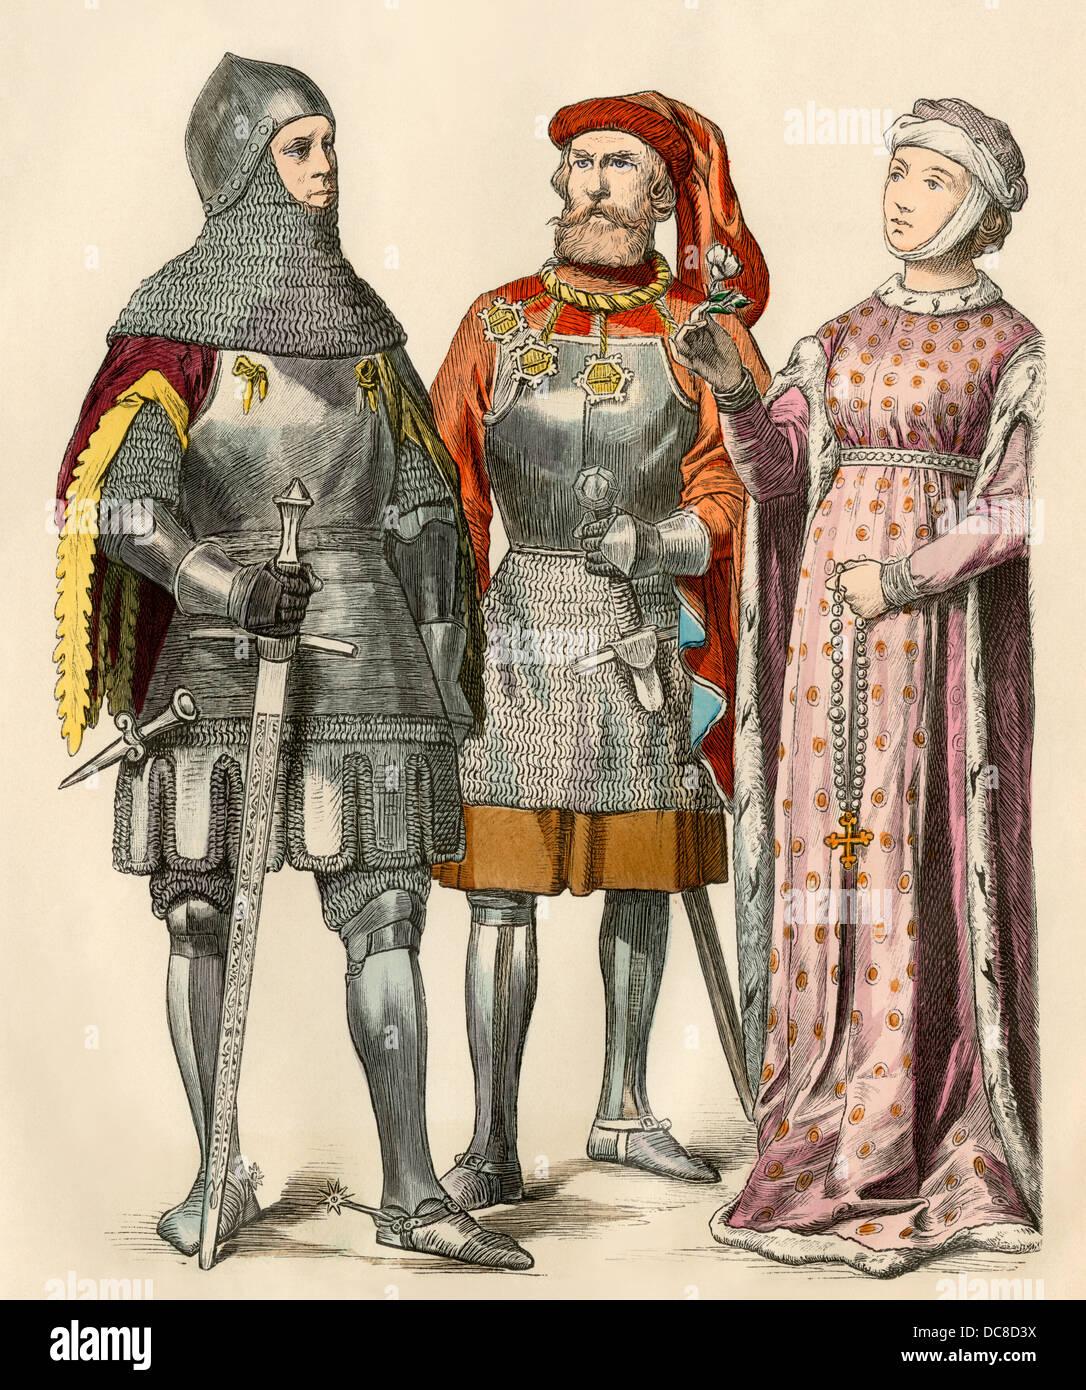 Caballeros y una dama de principios de los 1400s. Mano de color imprimir Imagen De Stock